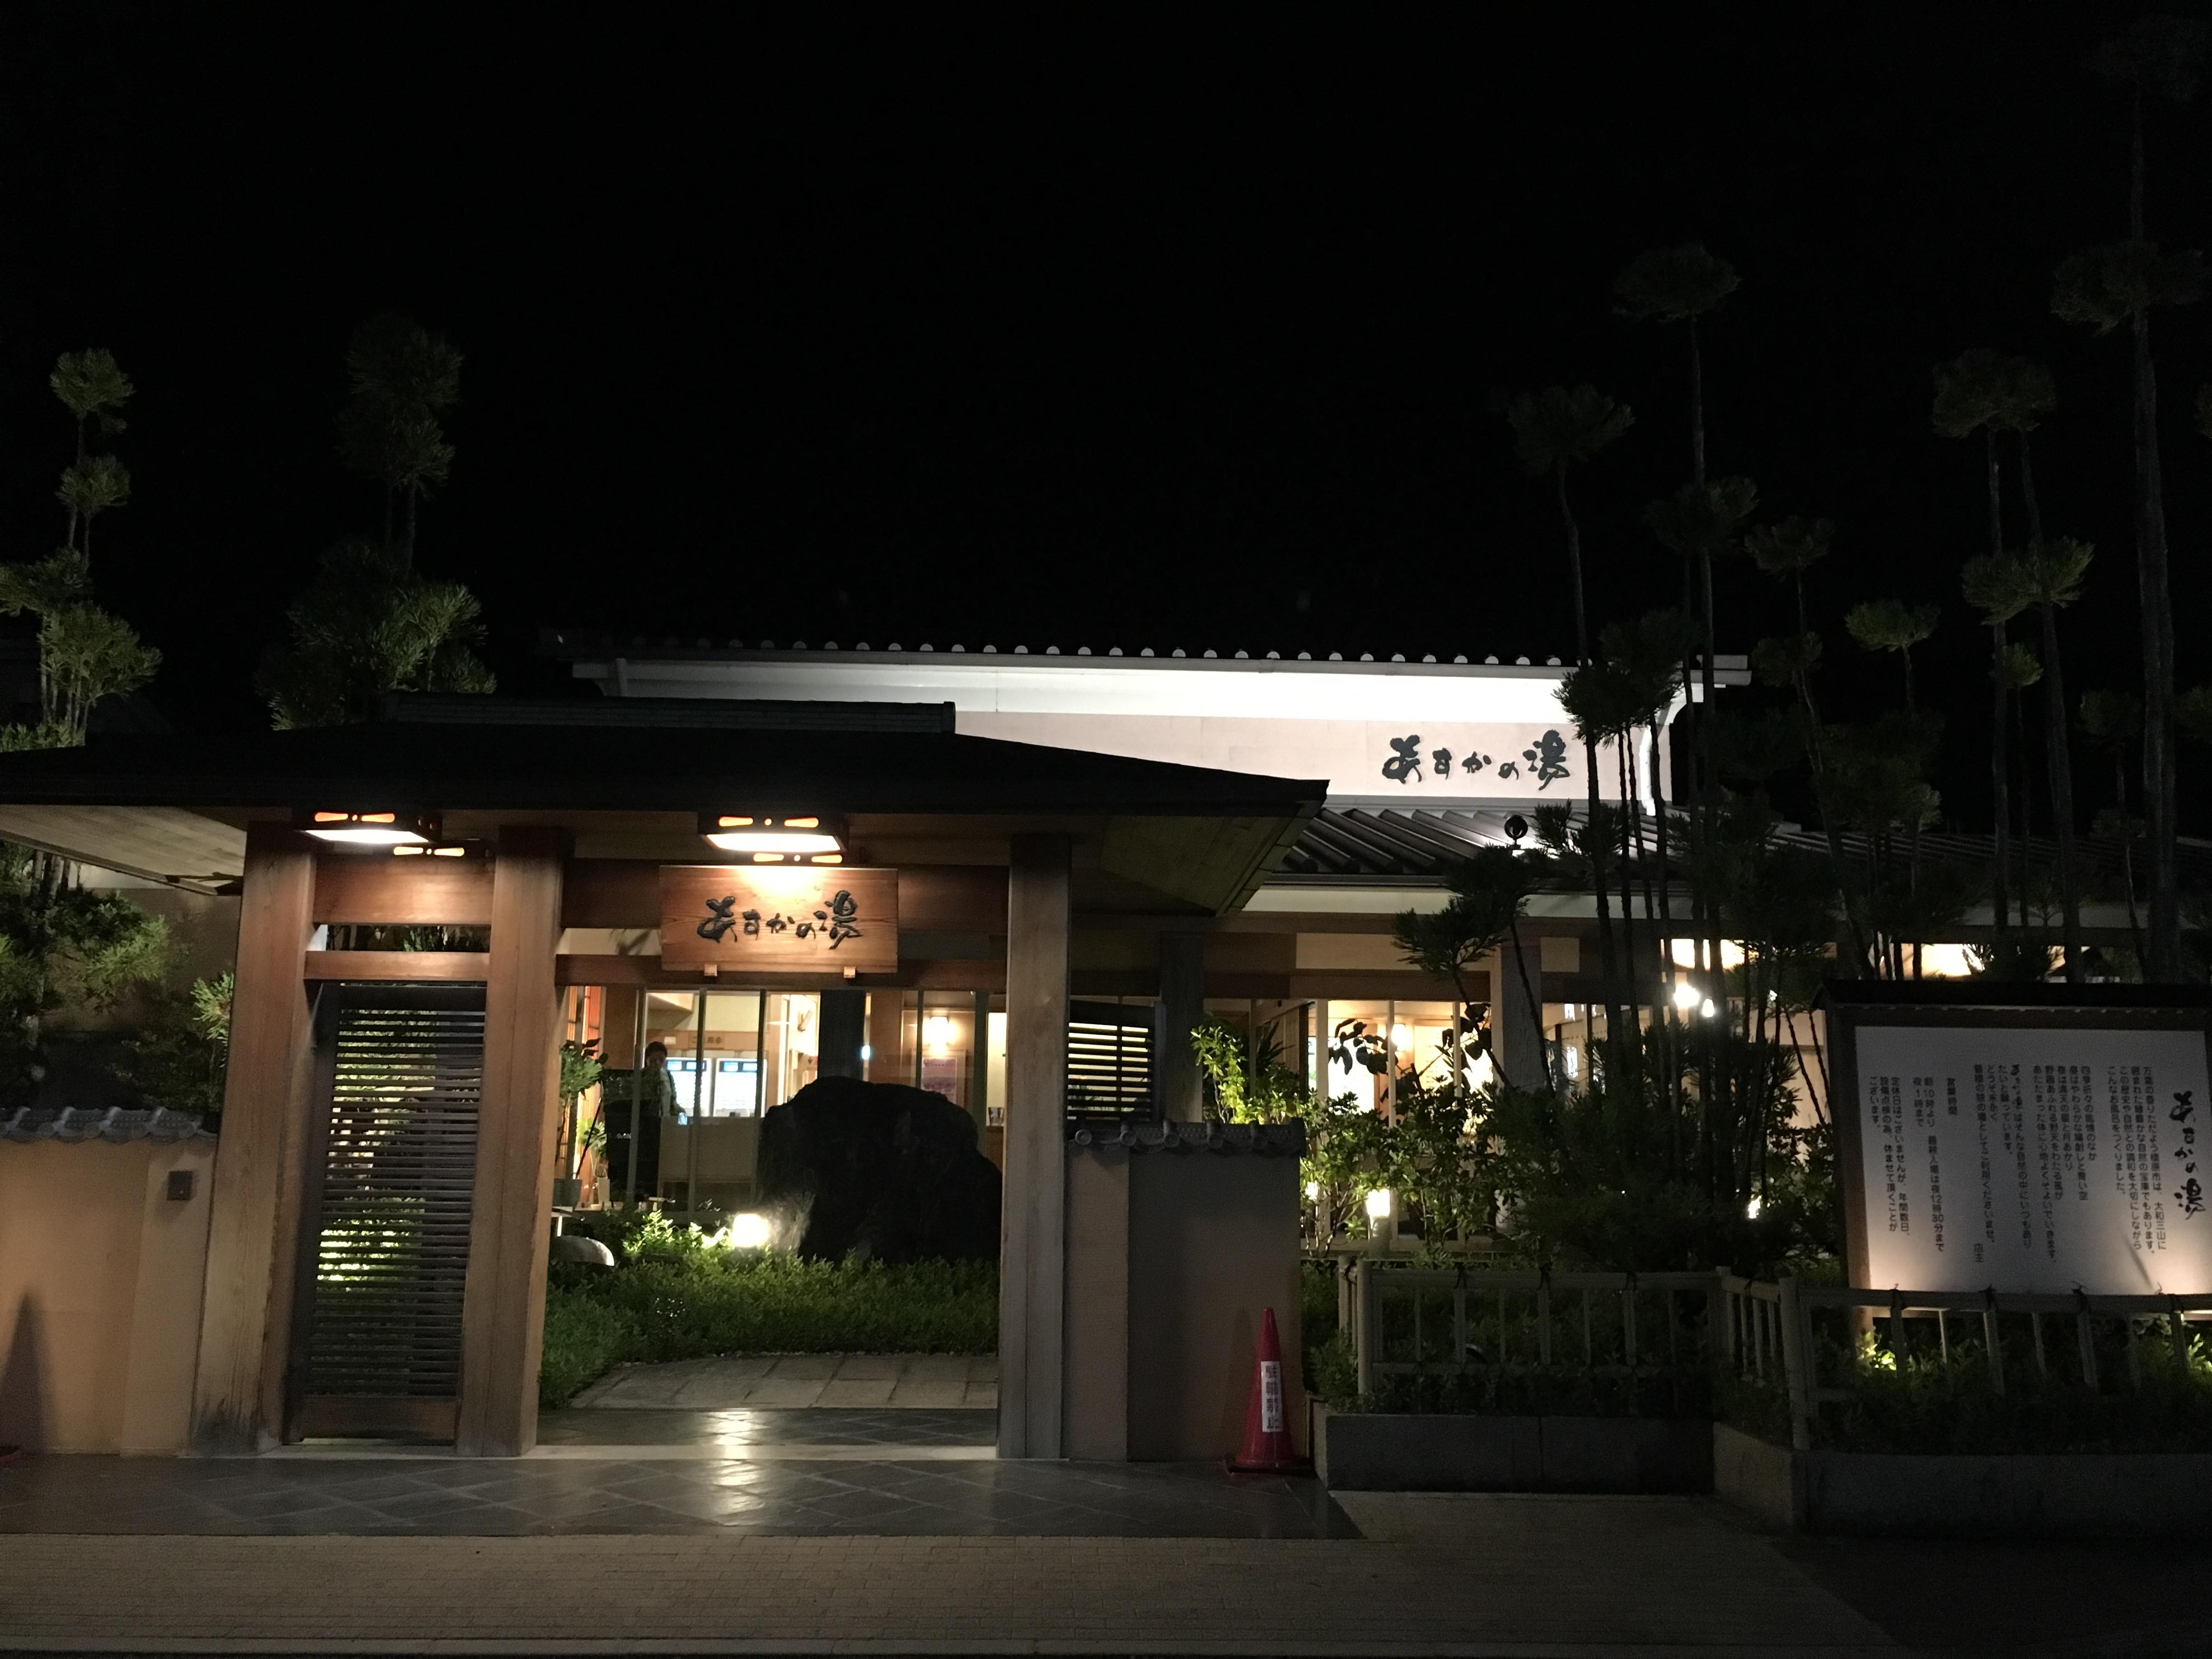 あすかの湯(奈良県橿原市/スーパー銭湯)